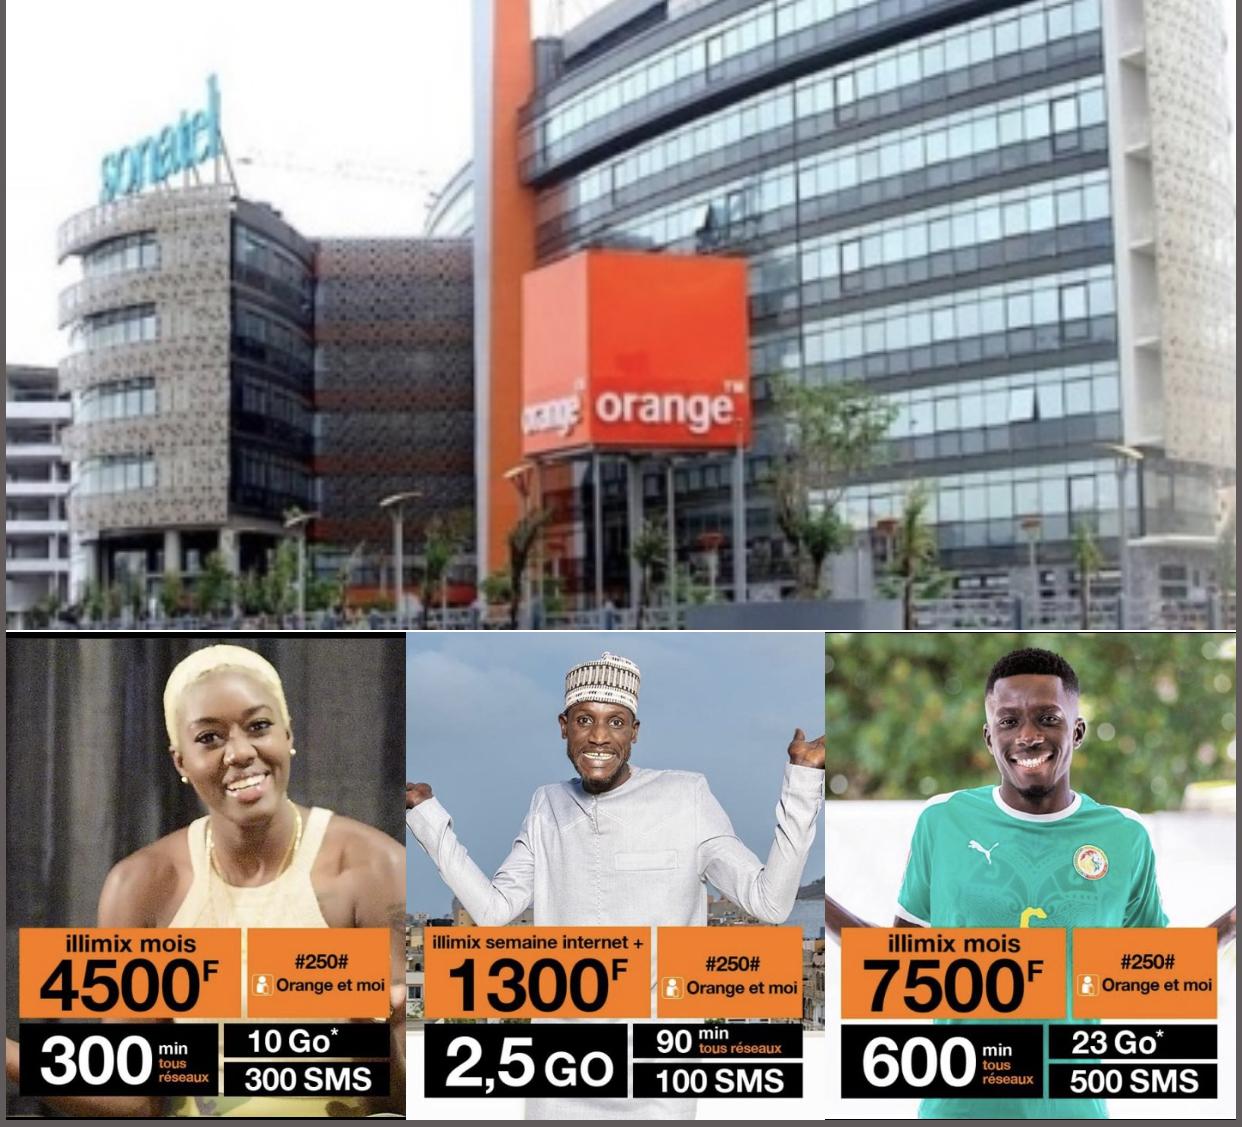 Nouvelles offres d'Orange : Illimix de désapprobations.